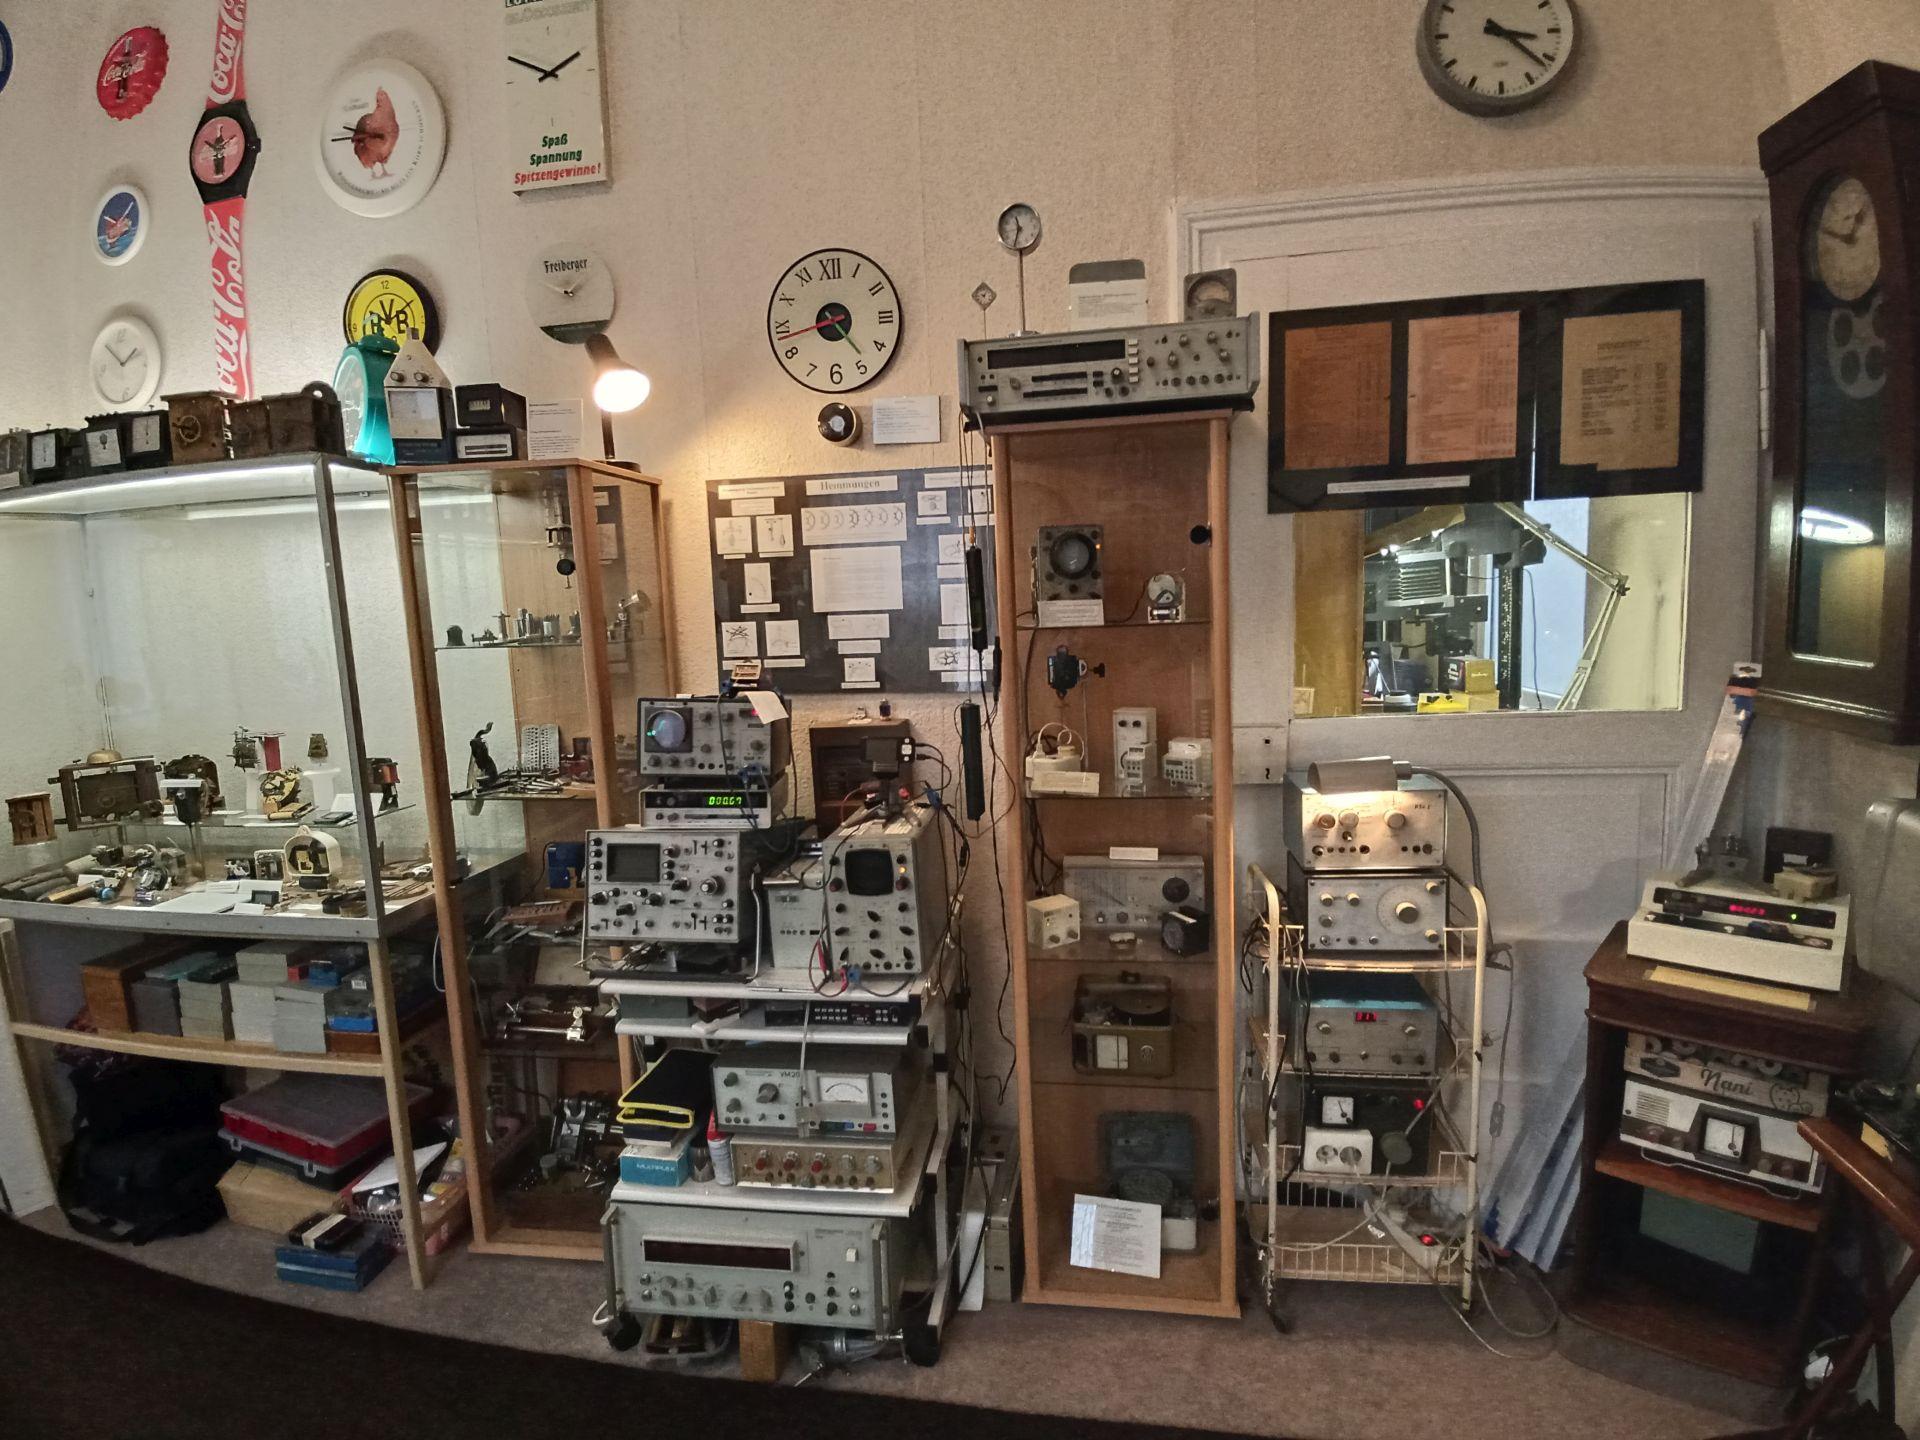 Raum 4 im Uhrenmuseum Tresebur